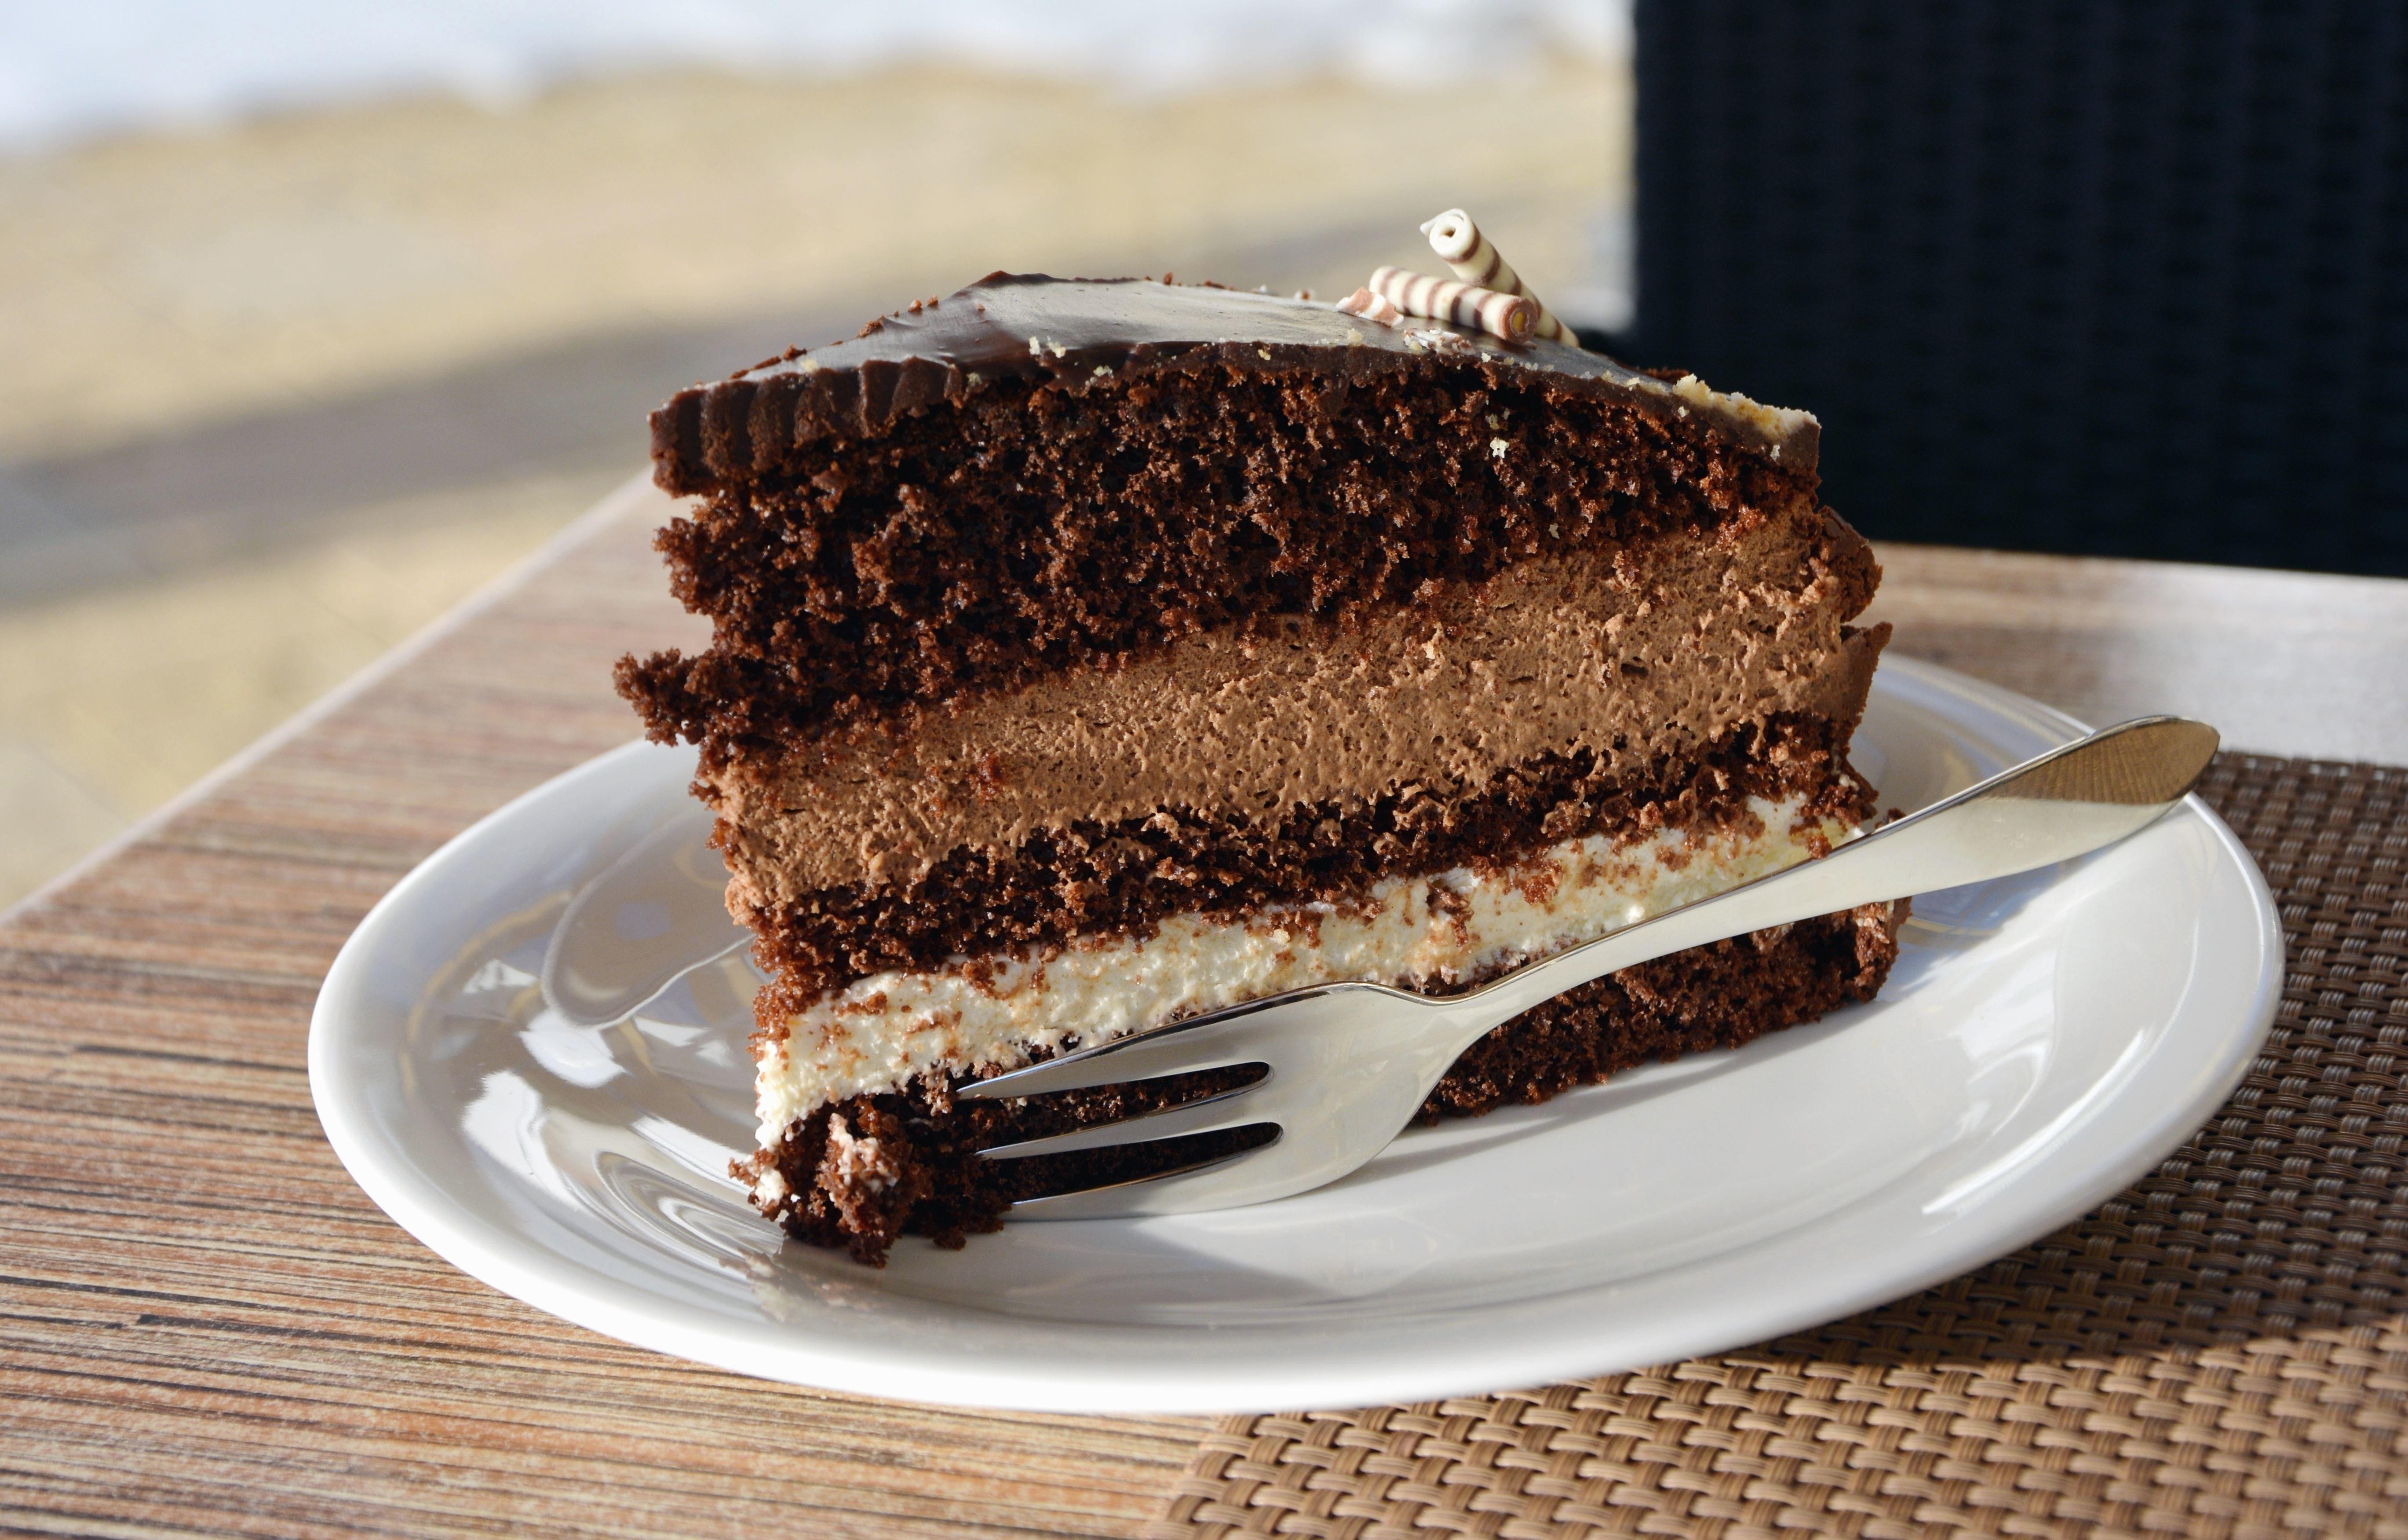 Imagen gratis comida plato pastel dulce postre for Platos dulces